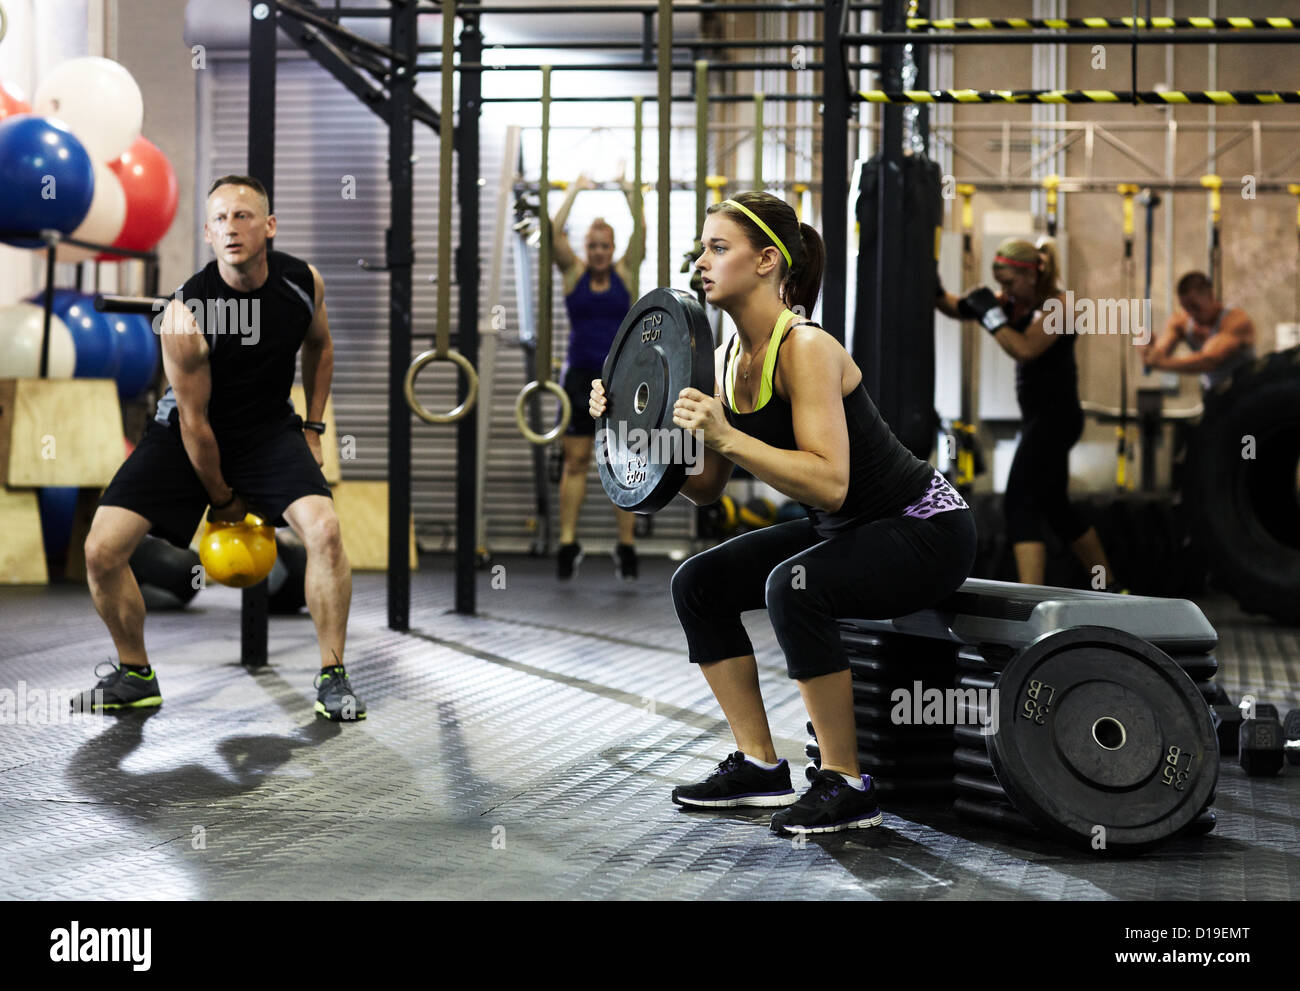 La gente de entrenamiento de circuito en el gimnasio Imagen De Stock